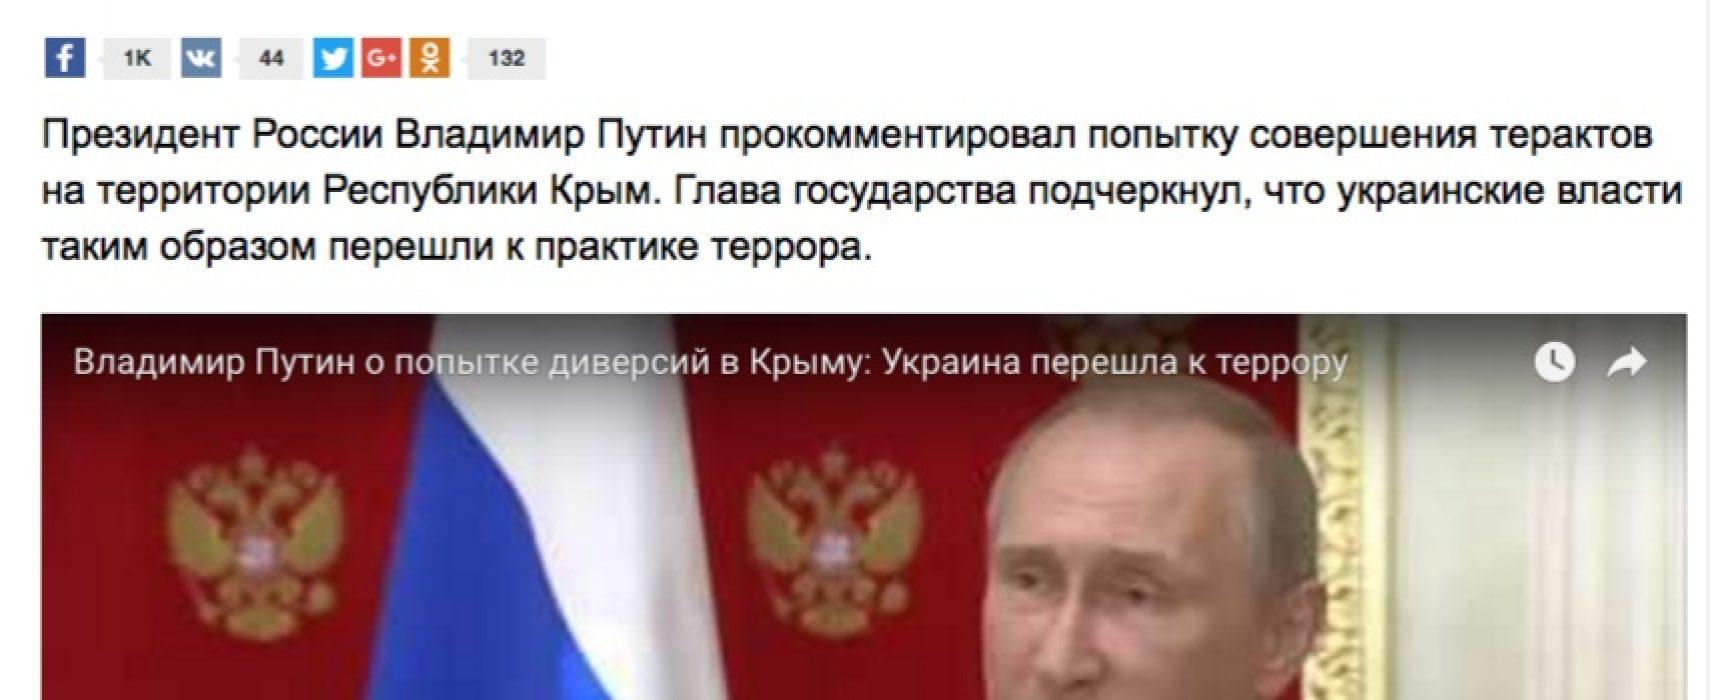 Cómo los medios han tratado el conflicto reciente en Crimea